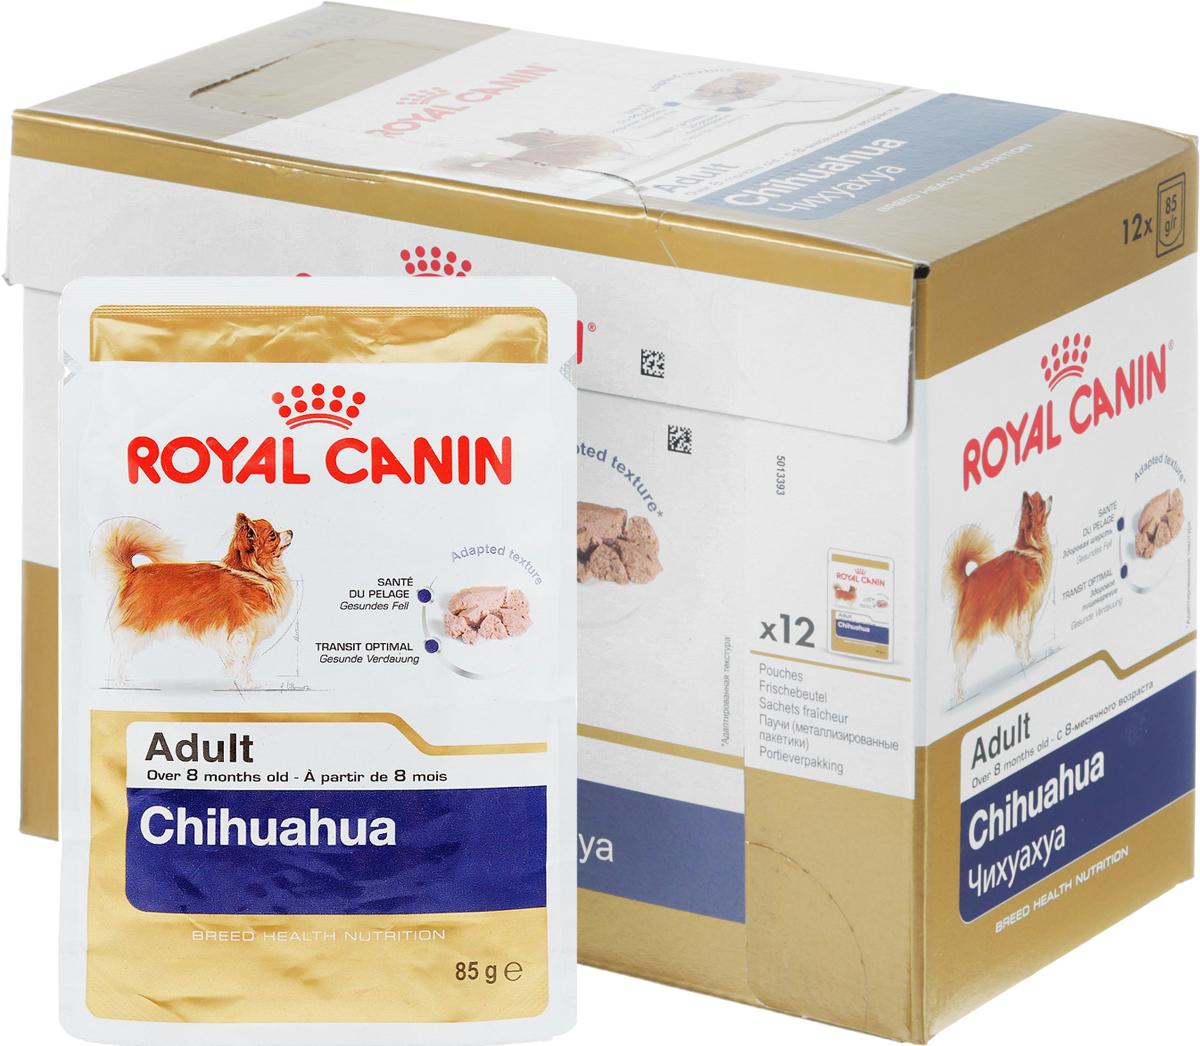 Консервы Royal Canin Chihuahua Adult, для собак породы чихуахуа старше 8 месяцев, паштет, 85 г,10 шт60619Консервы Royal Canin  Chihuahua Adult специально созданы для собак чихуахуа в возрасте старше 8 месяцев. Высокая вкусовая привлекательность. Стимулирует аппетит даже у самых разборчивых чихуахуа, благодаря отборным натуральным ароматизаторам и специальной адаптированной текстурой.Оптимальная работа пищеварительной системы. Корм способствует поддержанию здоровья пищеварительной системы.Здоровье кожи и шерсти. Продукт содержит питательные вещества, которые помогают поддерживать идеальное состояние кожи и шерсти. Состав: мясо и мясные субпродукты, злаки, субпродукты растительного происхождения, масла и жиры, минеральные вещества, углеводы.Добавки (в 1 кг): витамин D3: 190 ME, железо: 13 мг, йод: 0,24 мг, марганец: 4,1 мг, цинк: 41 мг.Товар сертифицирован.